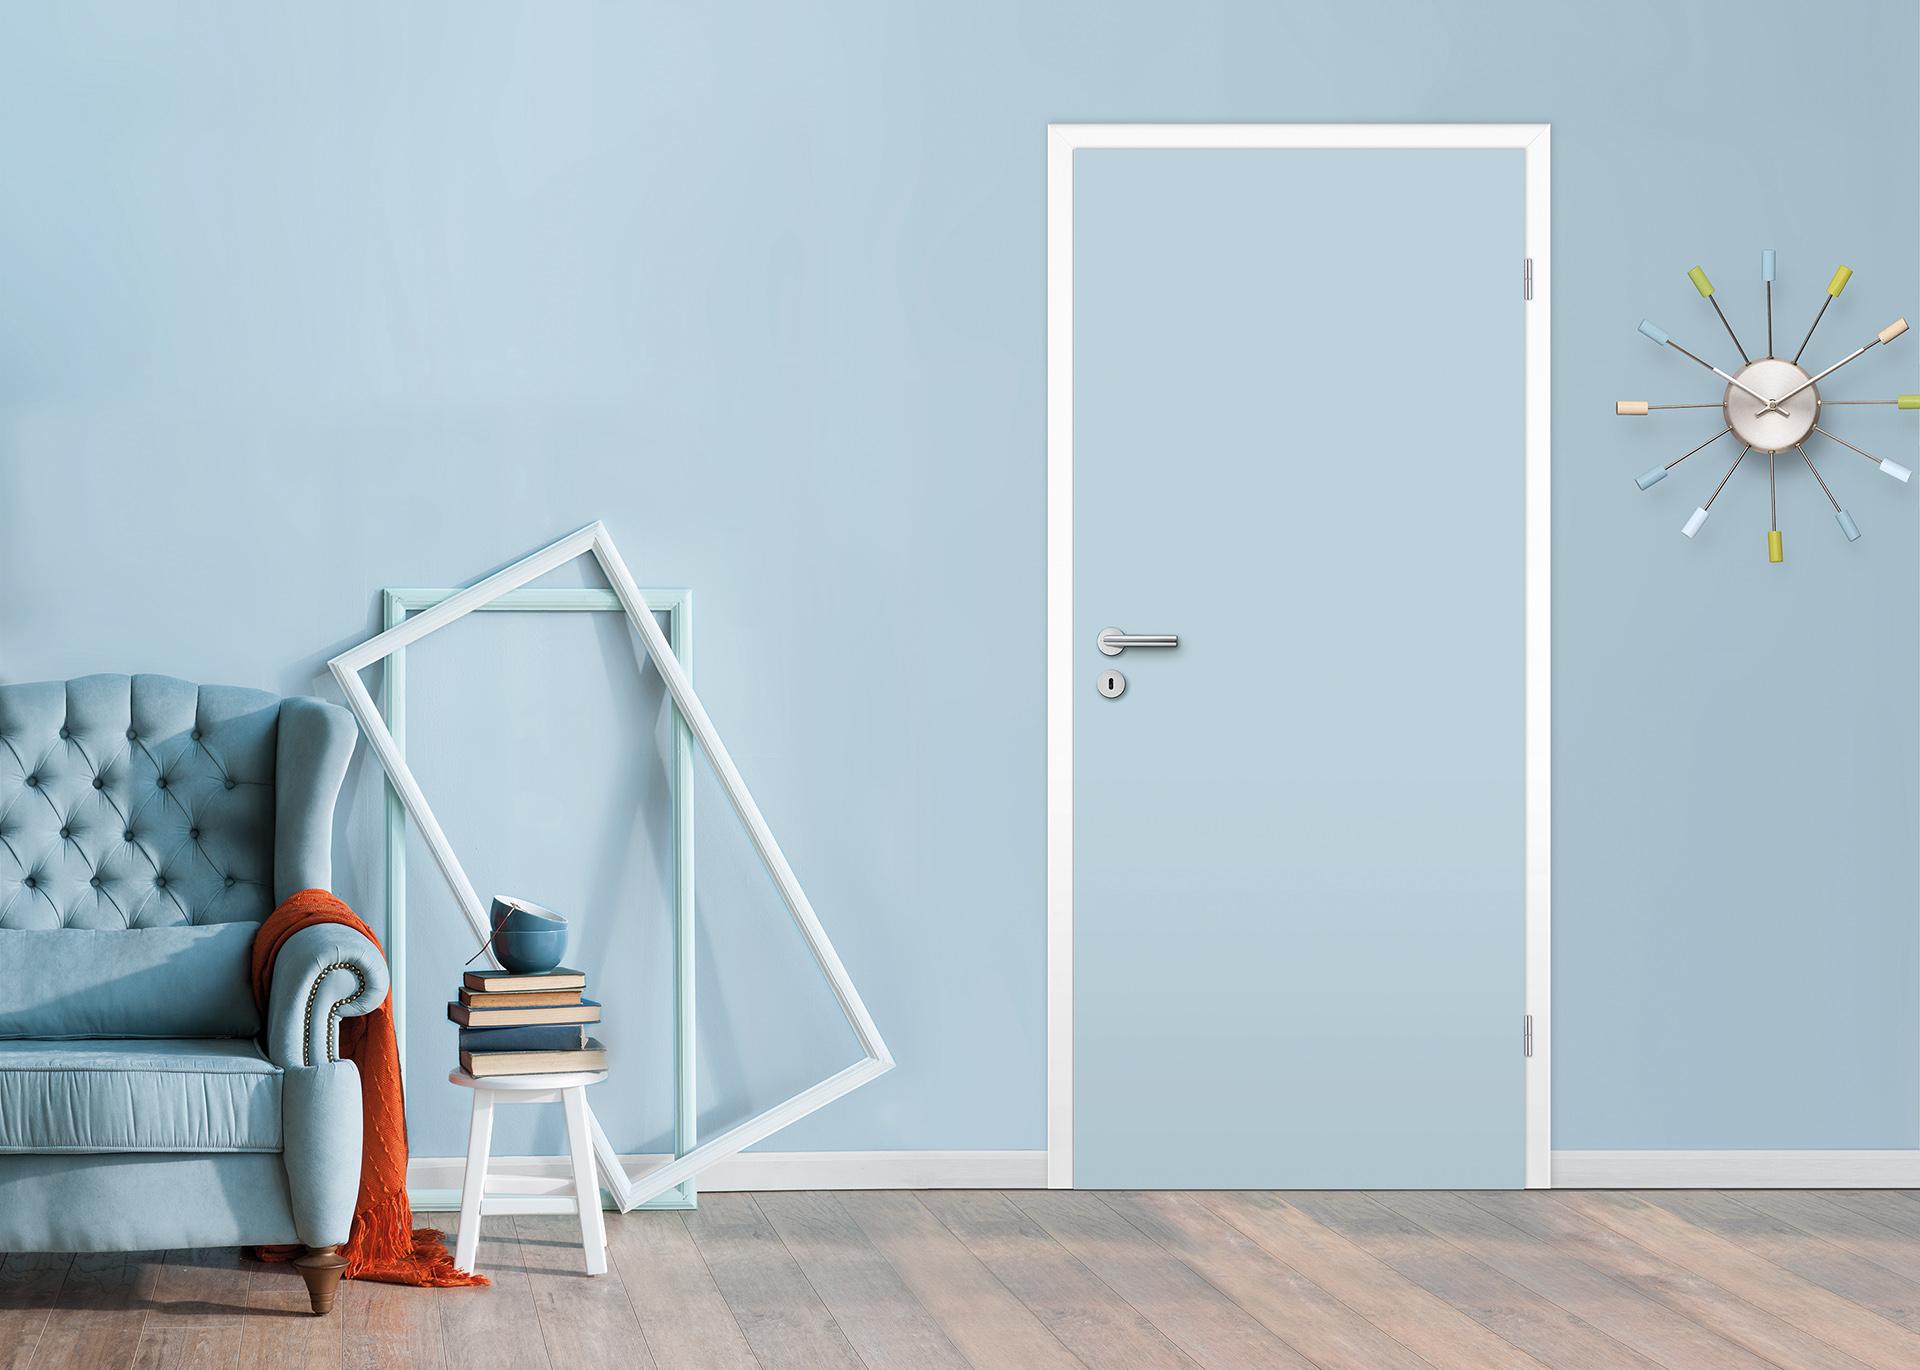 innentüren renovieren oder tauschen?